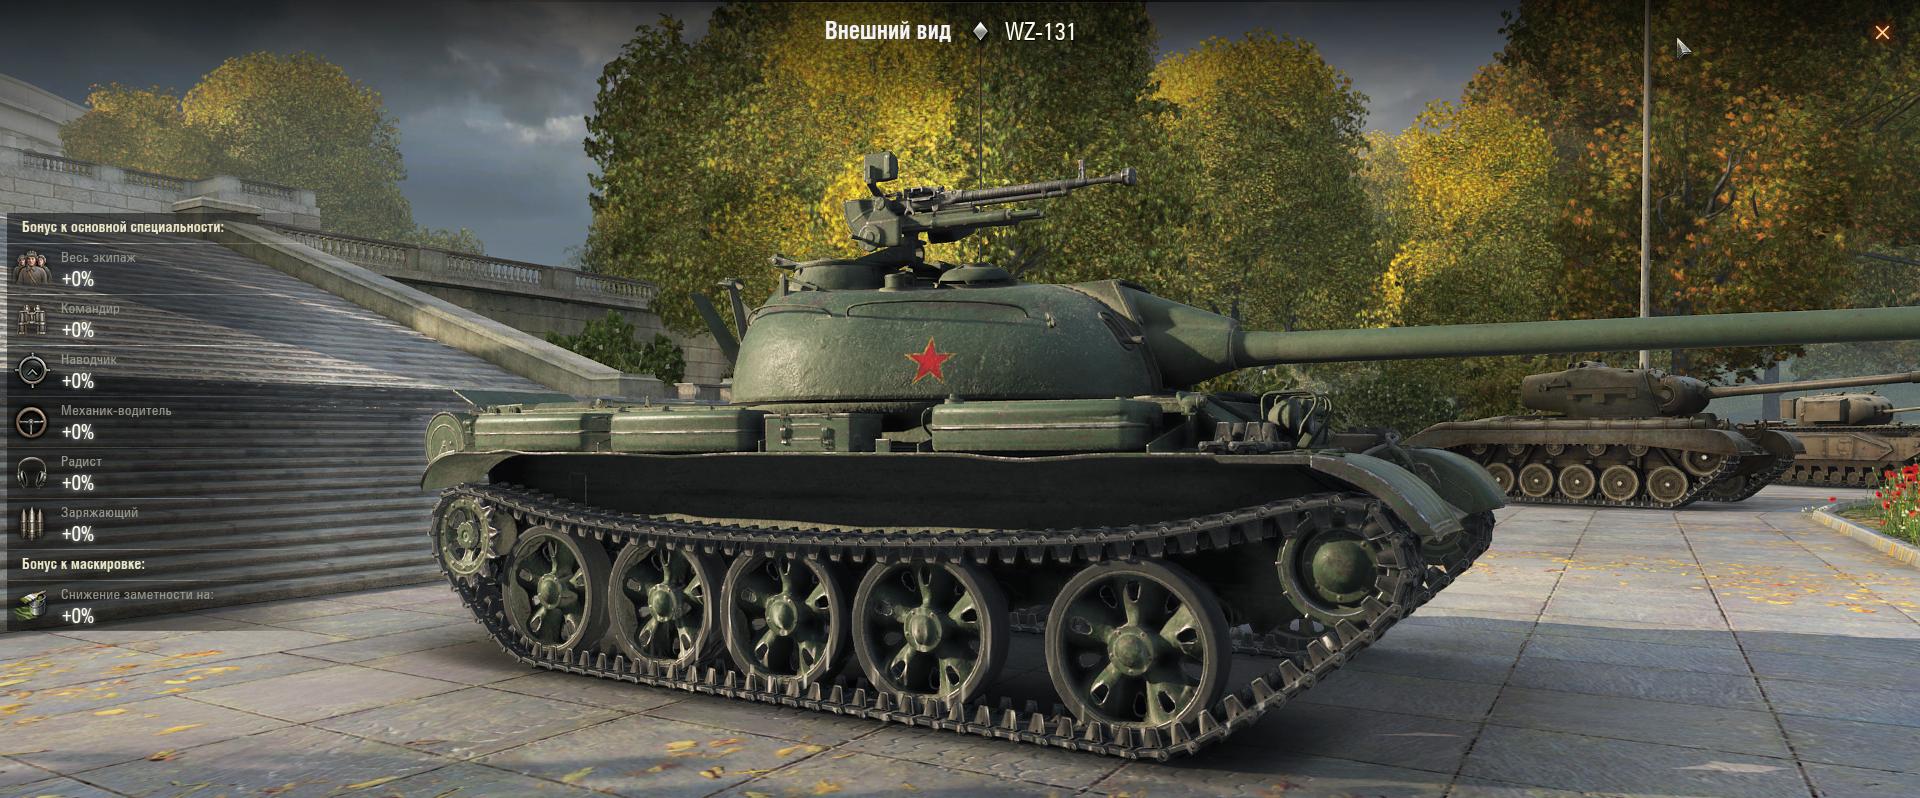 скачать бесплатно моды к world of tanks